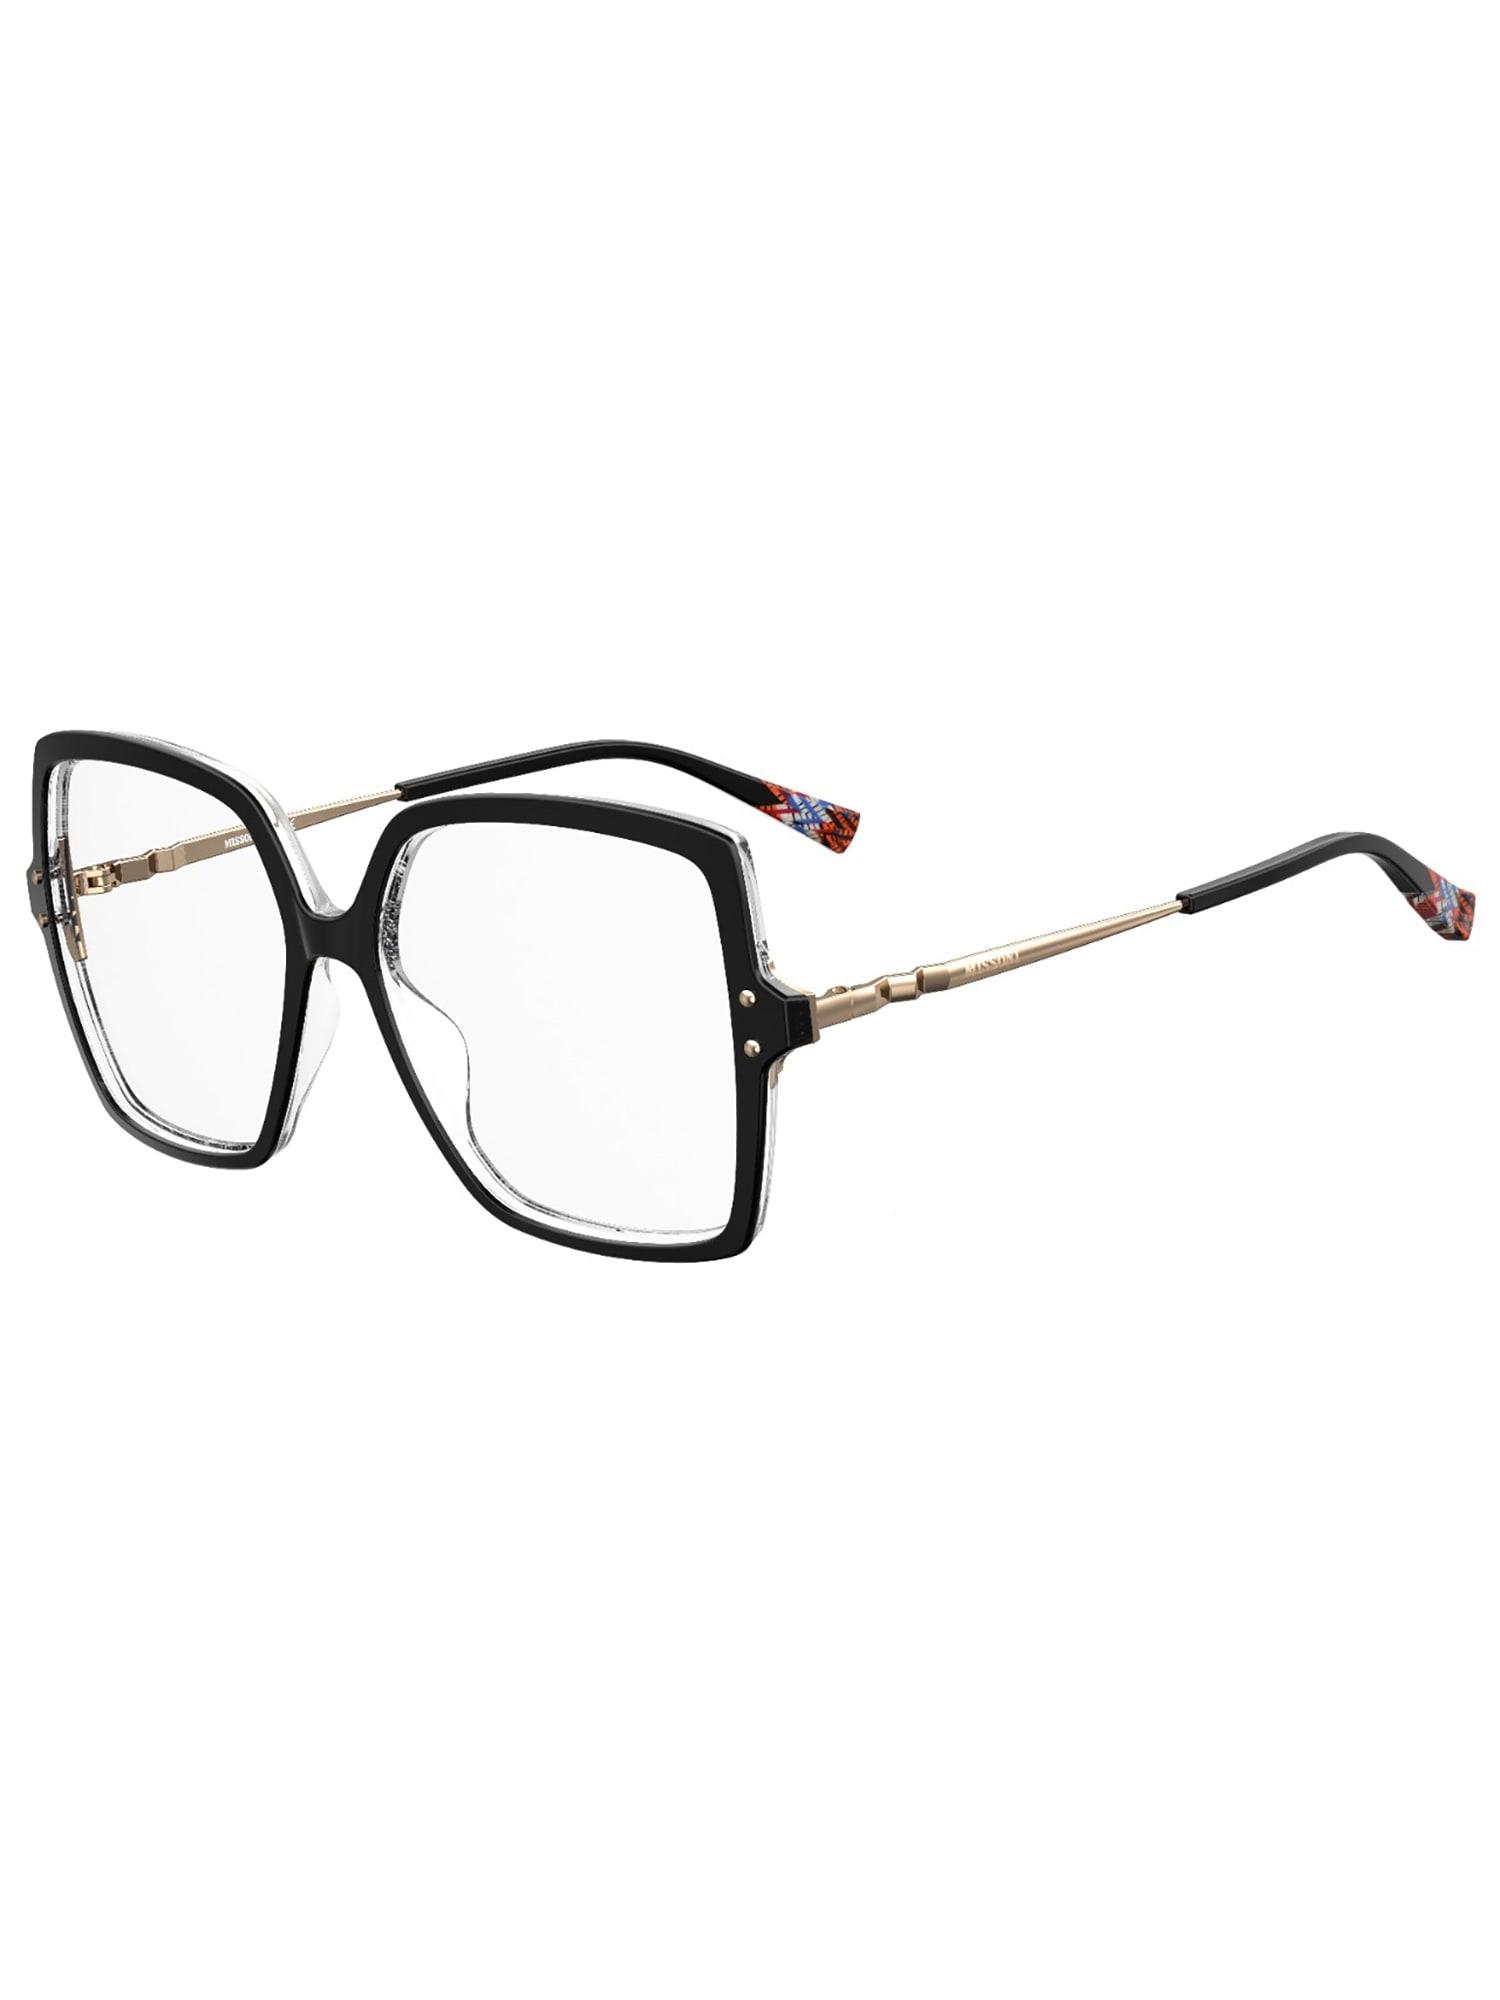 Missoni MIS 0005 Eyewear